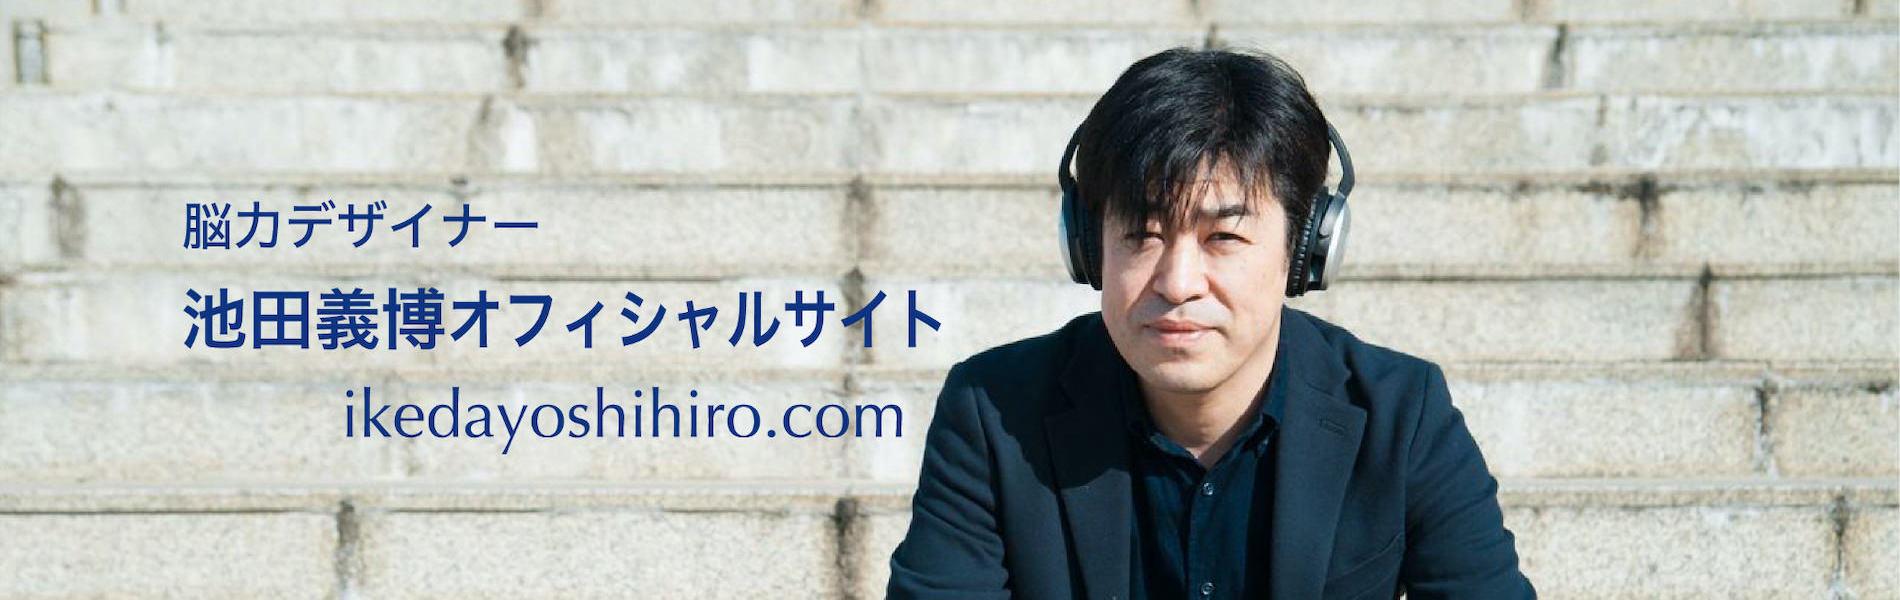 池田義博オフィシャルサイト